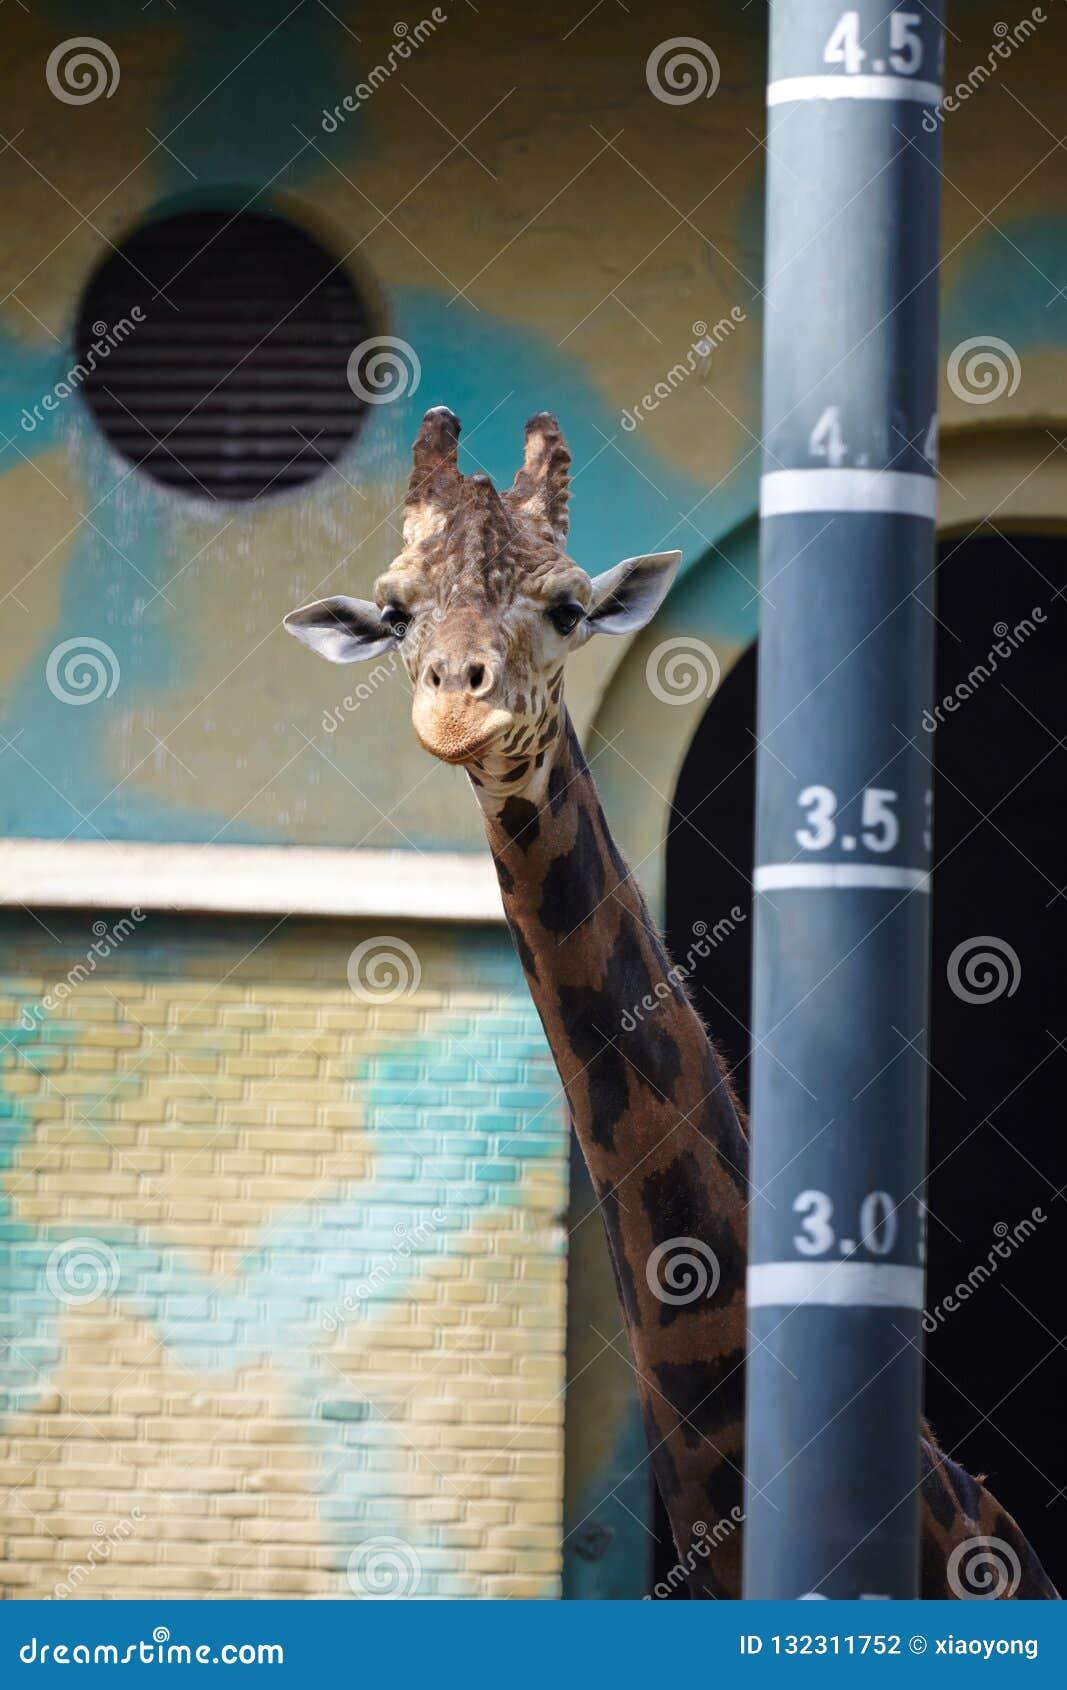 A giraffe standing beside a height measurement pole